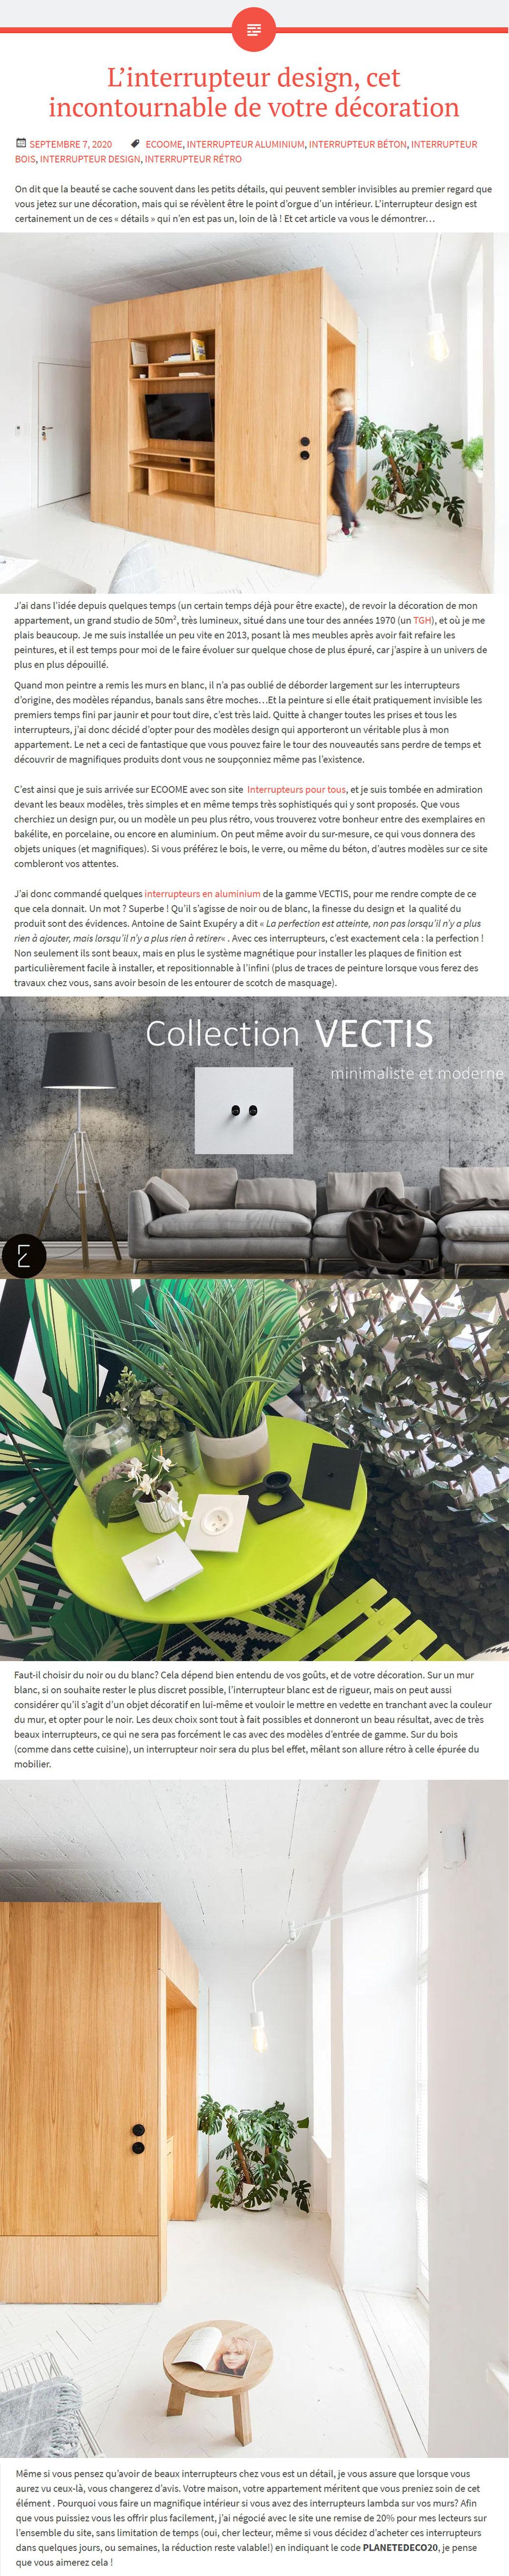 planete; deco; interrupteur; vectis; moderne,  prise; design; haut de gamme; épuré, minimaliste, simple